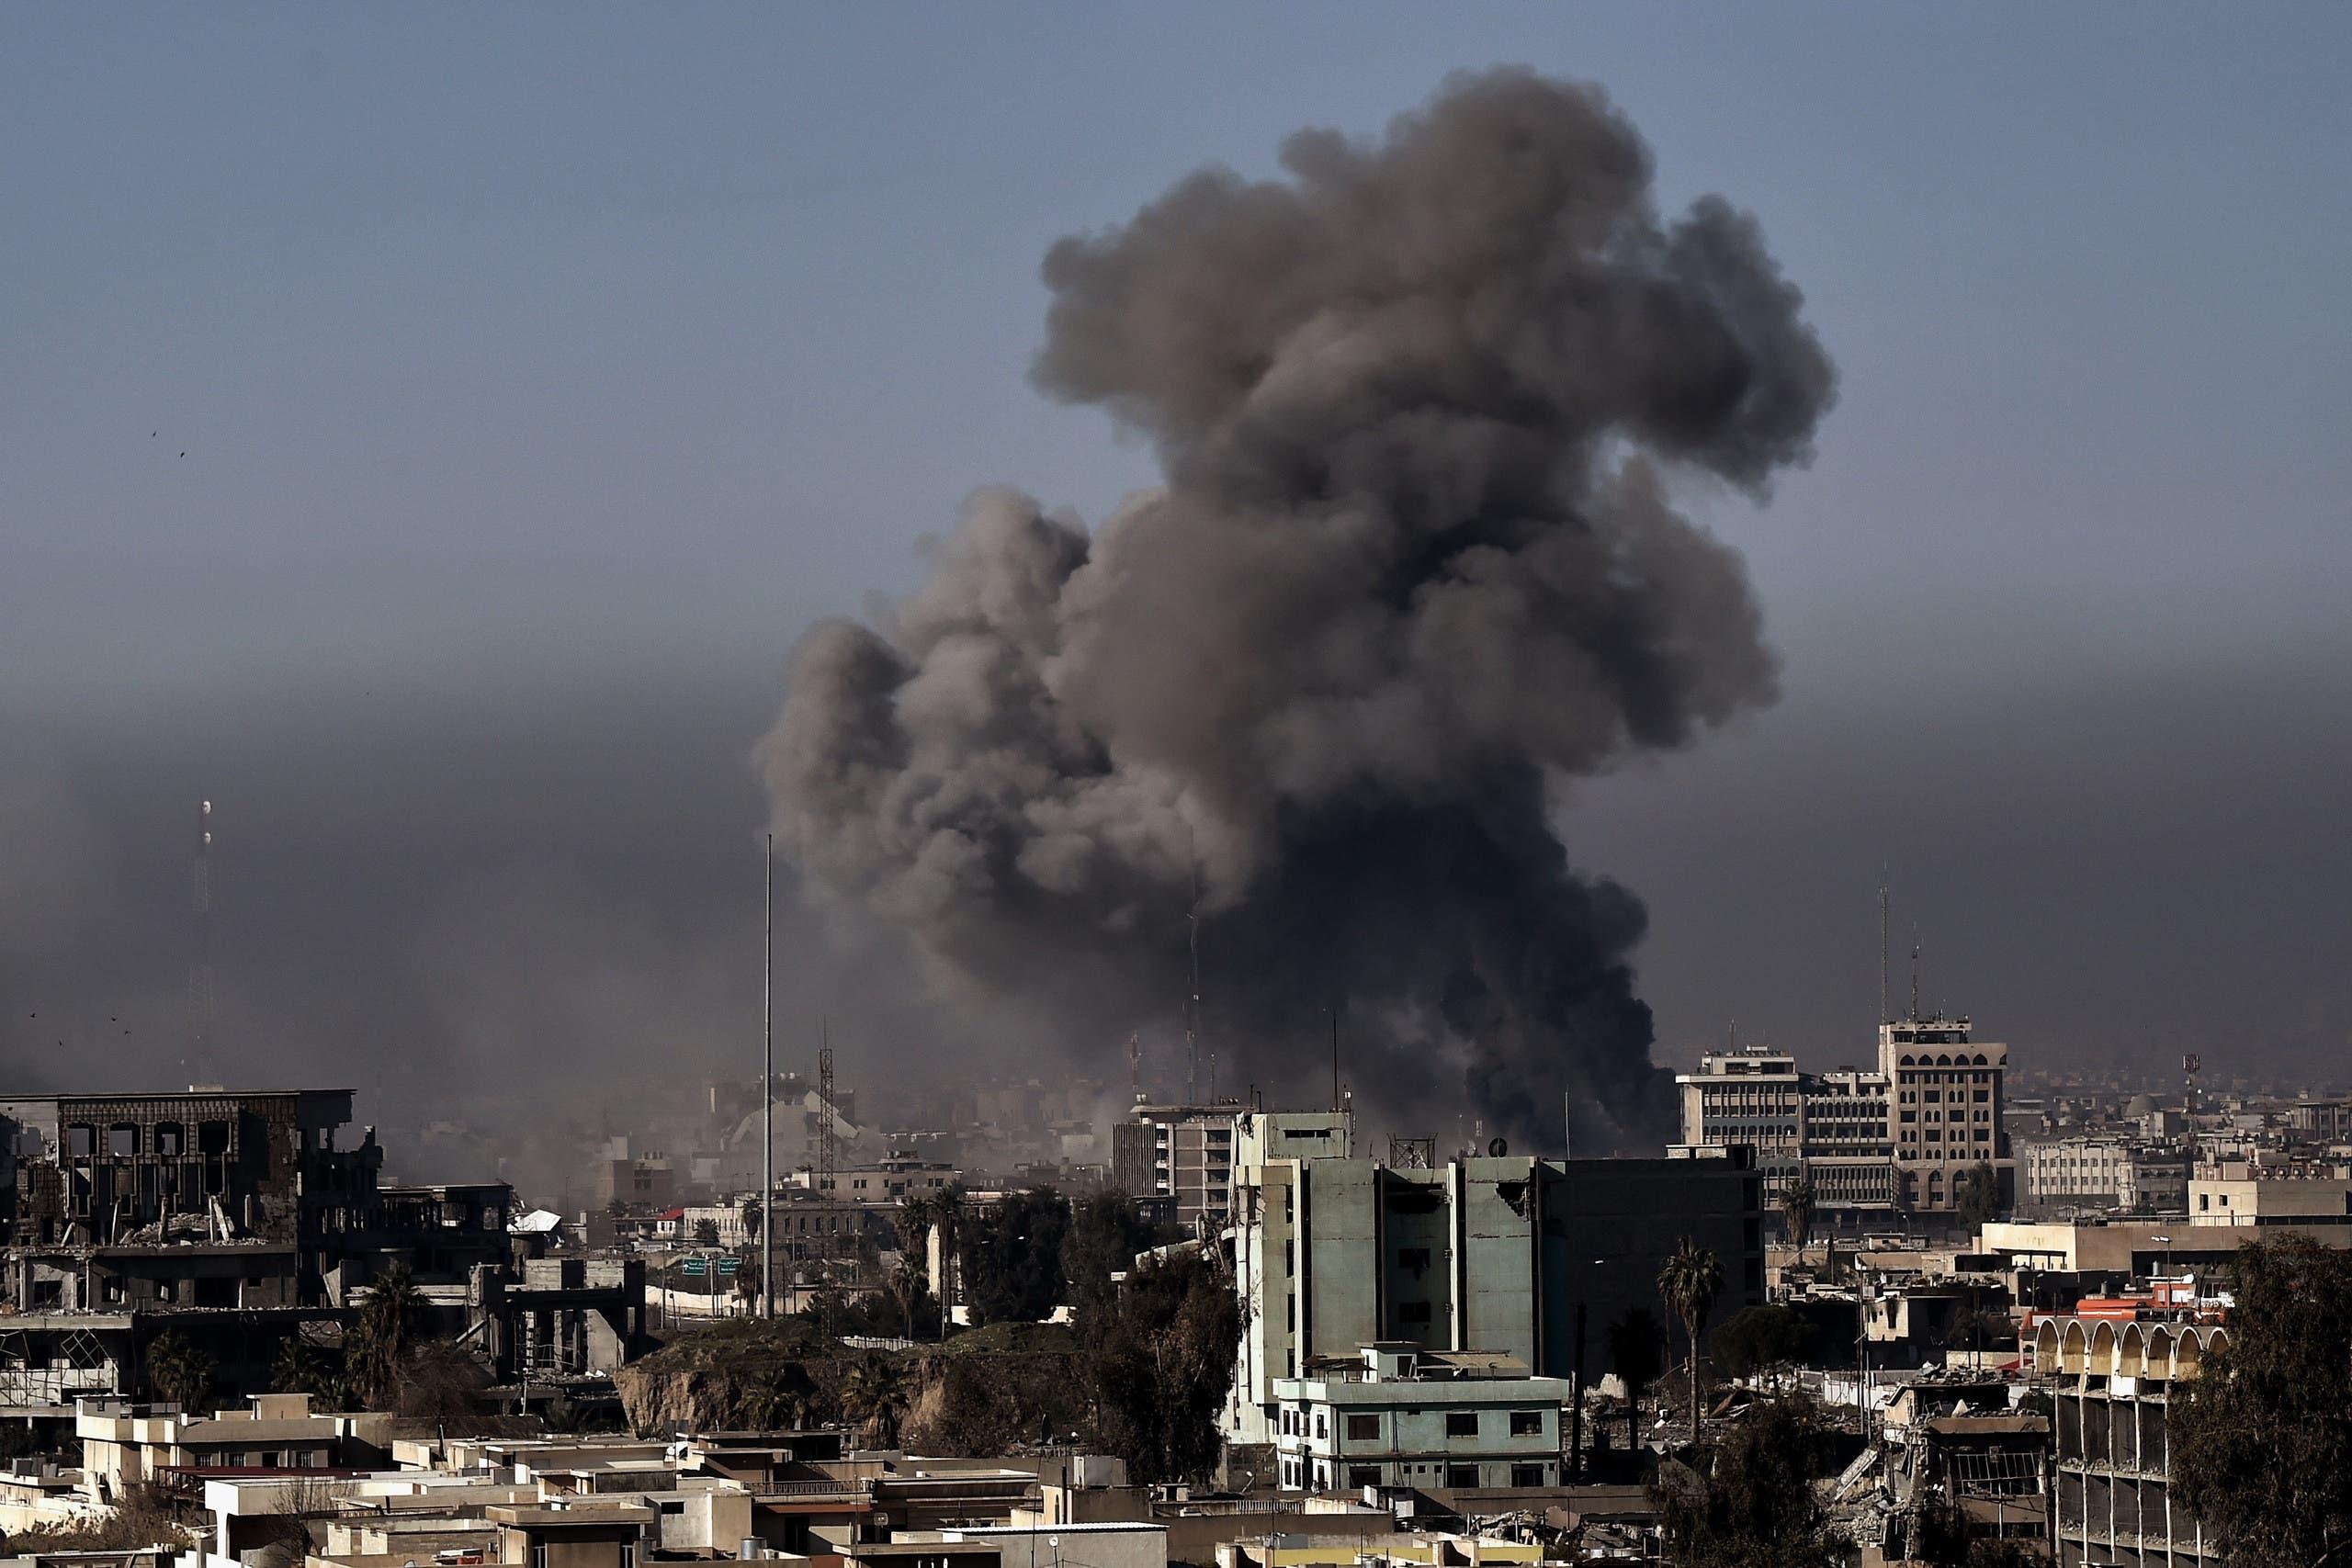 الدخان يتصاعد من غرب الموصل بسبب الاشتباكات